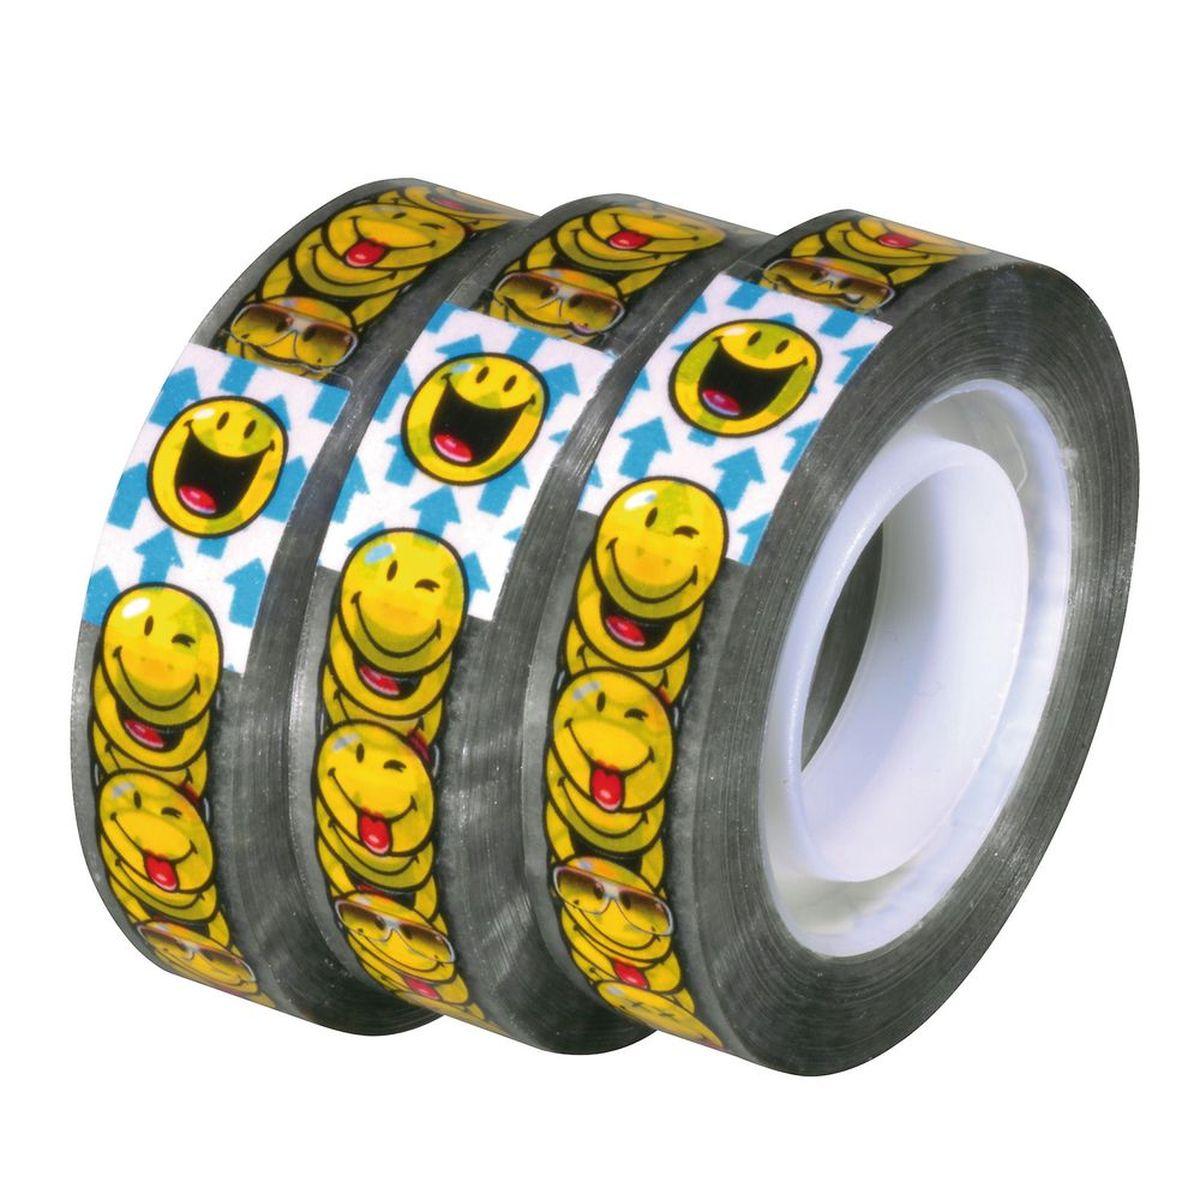 цена на Herlitz Клейкая лента Smiley World 20 м х 12 мм 3 шт